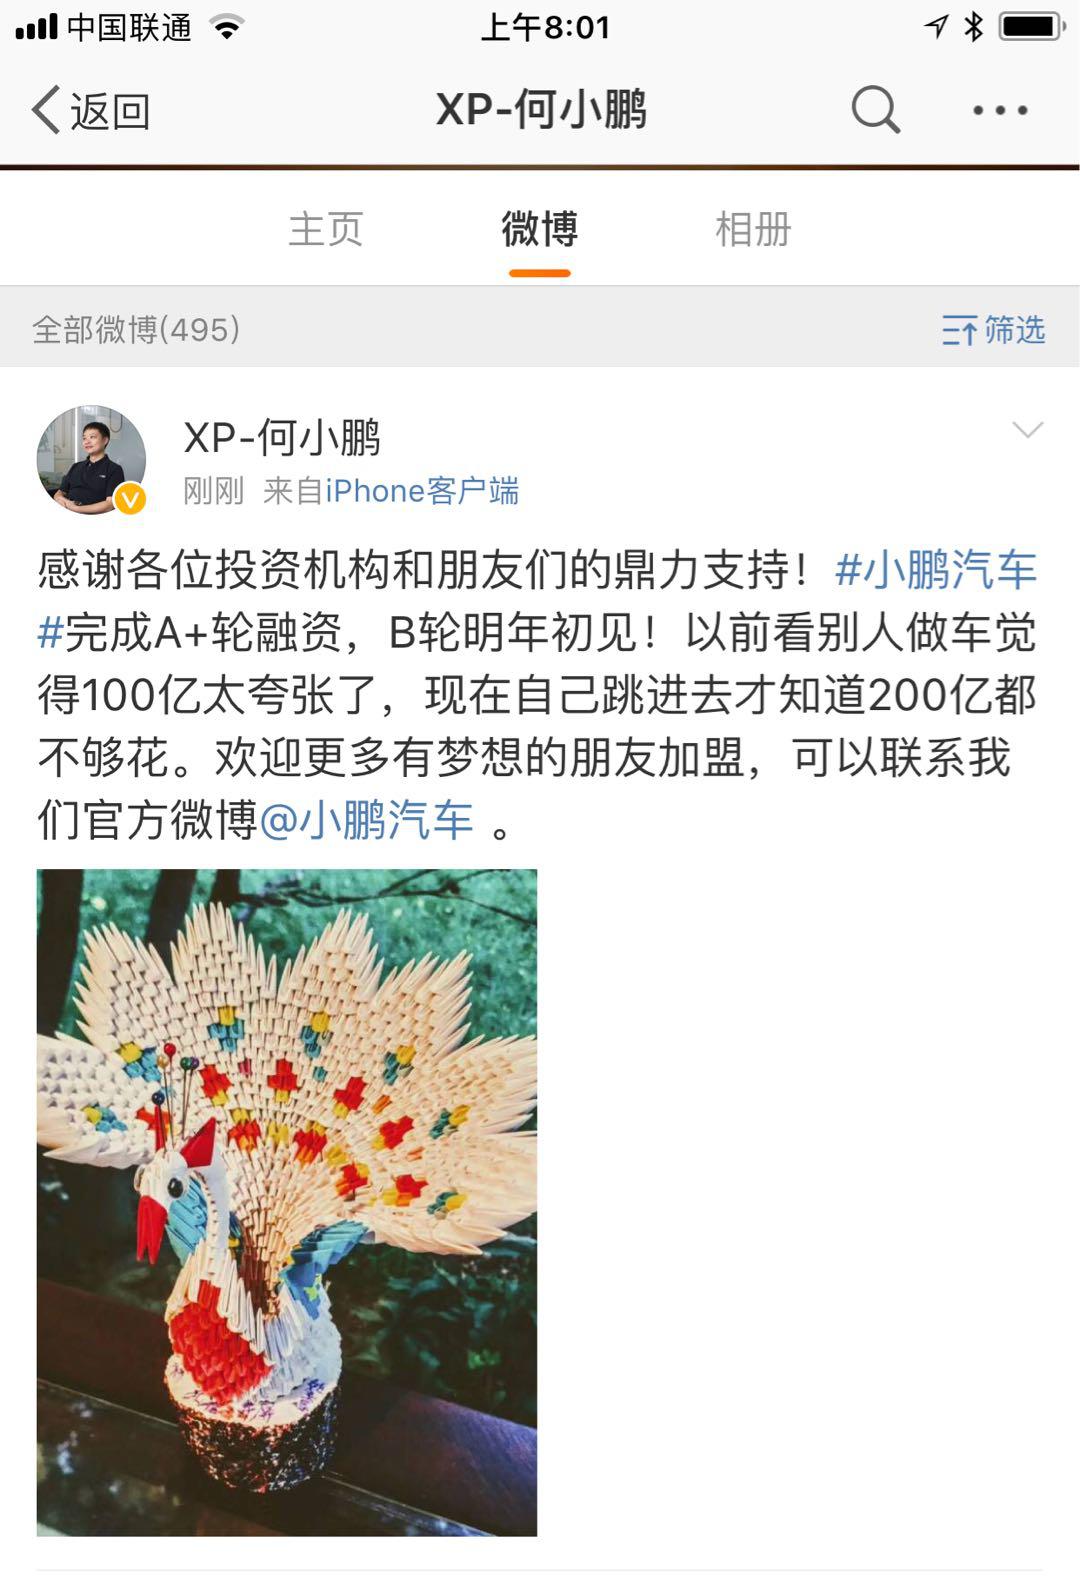 小鹏汽车宣布3轮A+轮融资结束 鹏友圈投资新势力